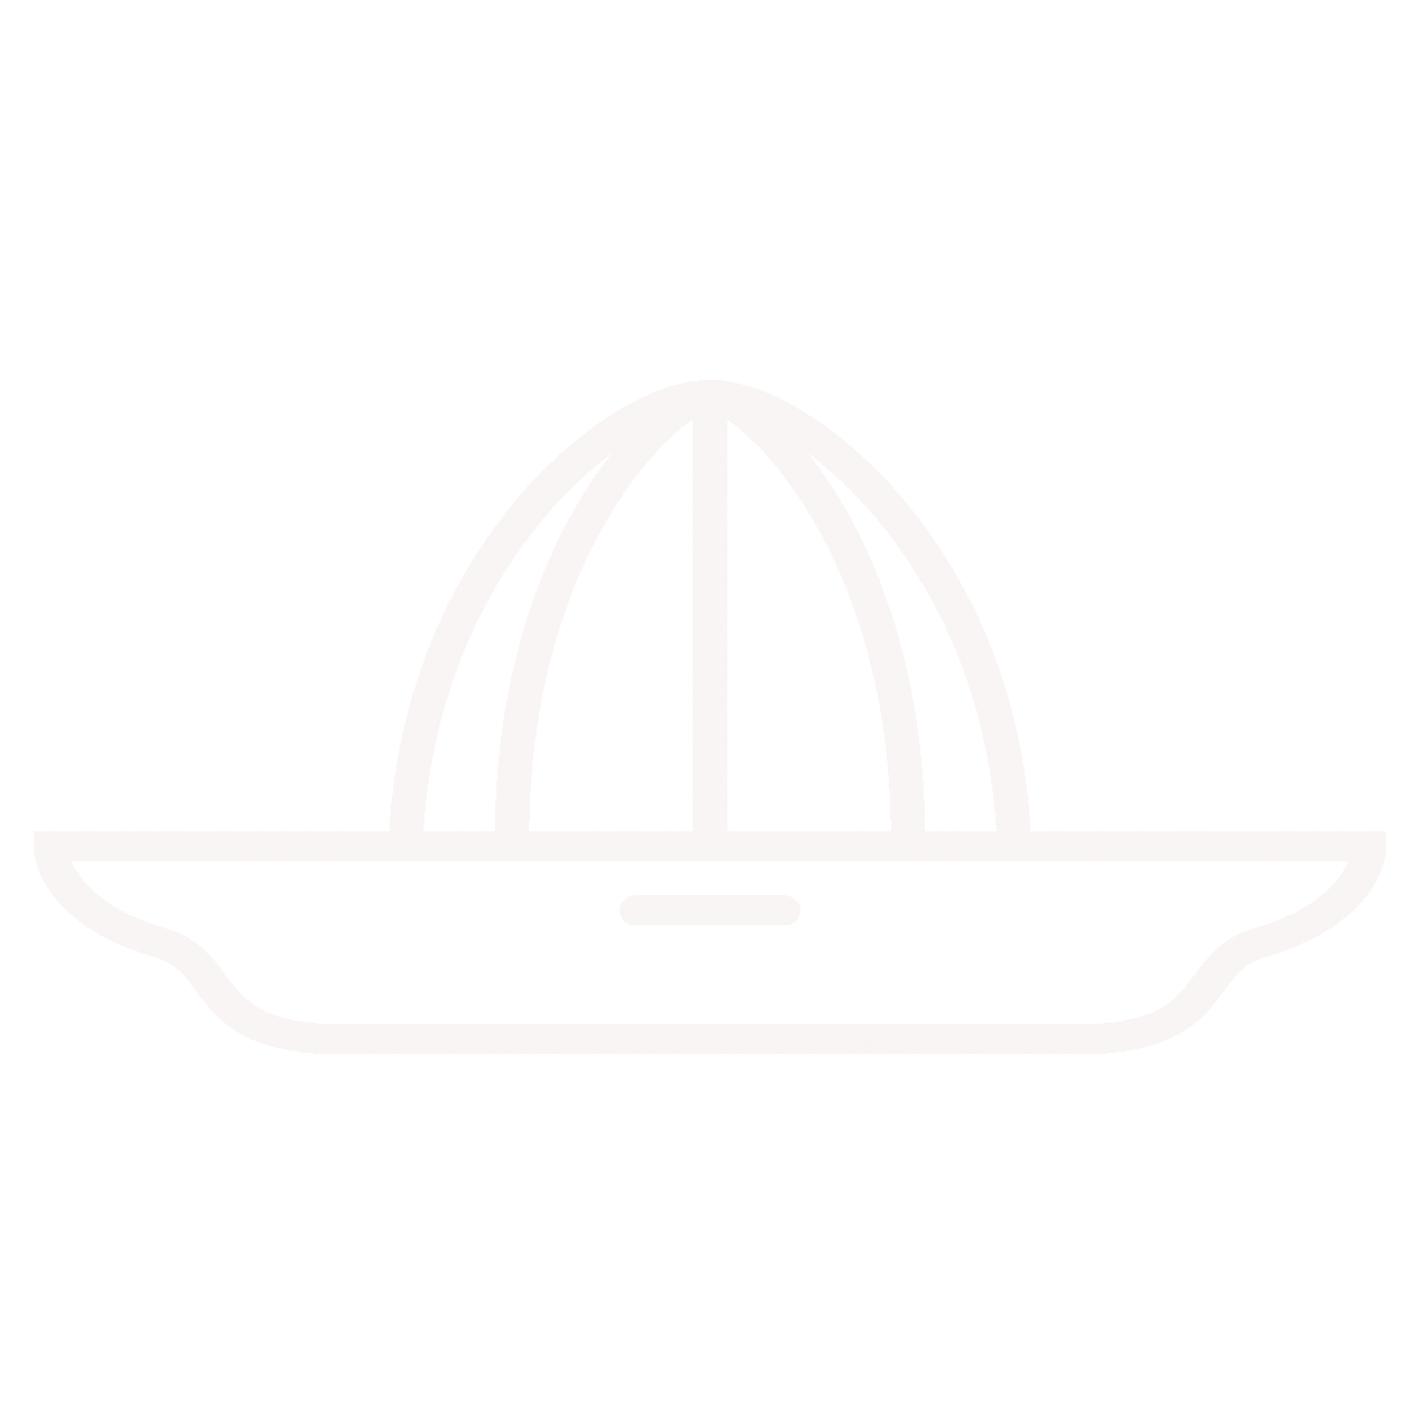 Dal set THE KITCHEN, l'icona spremiagrumi BIANCA, creata da Wojciech Zasina [www.be.net/wzasina] e usata su www.cucinodite.it da Giorgio Giorgetti, personal chef Varese Como Milano Lombardia